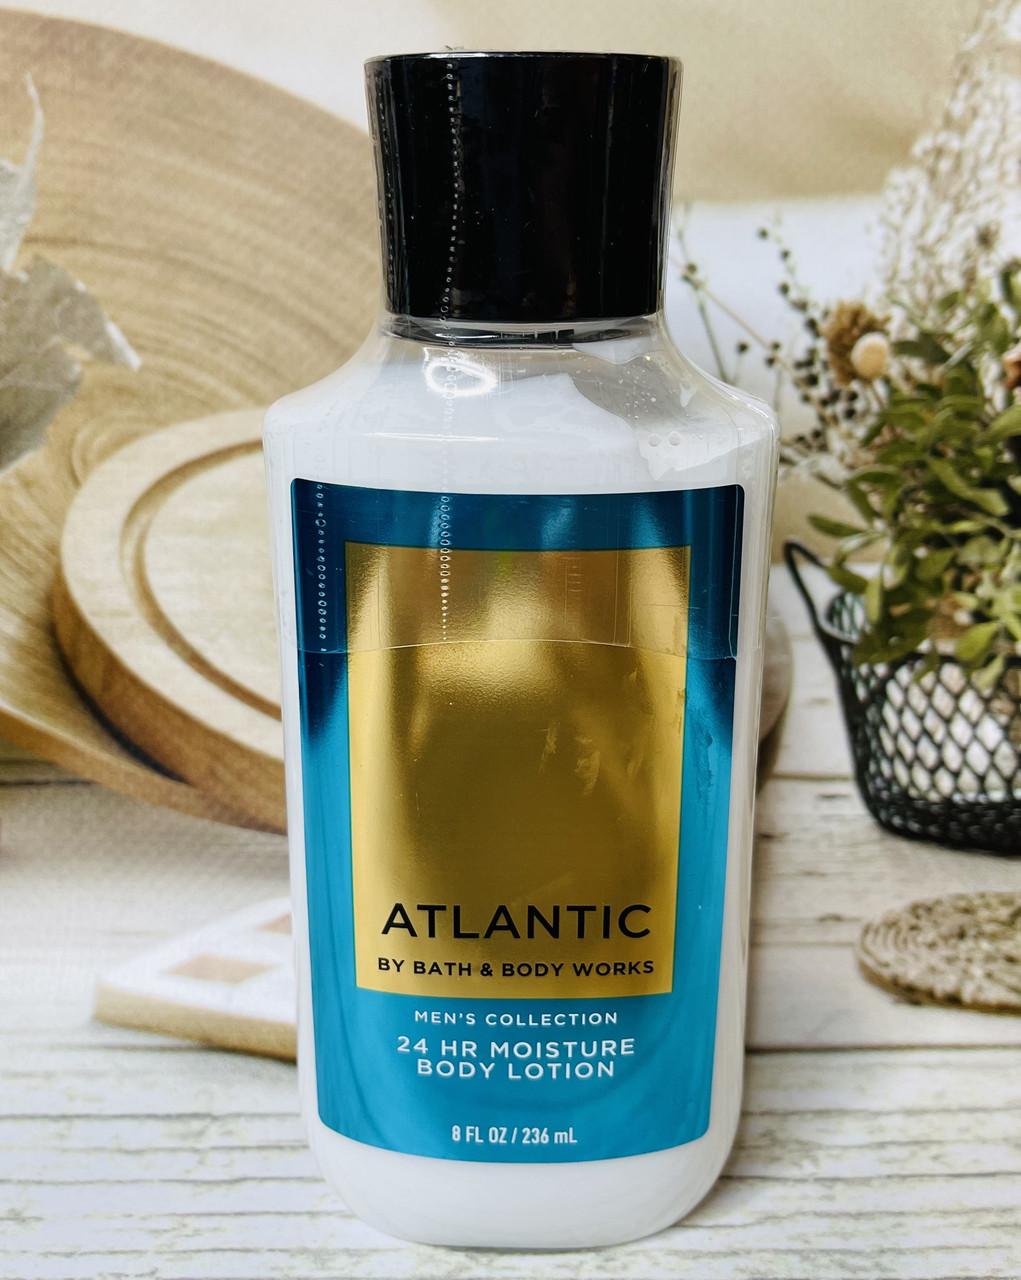 Мужской лосьон для тела Bath & Body Works Атлантик